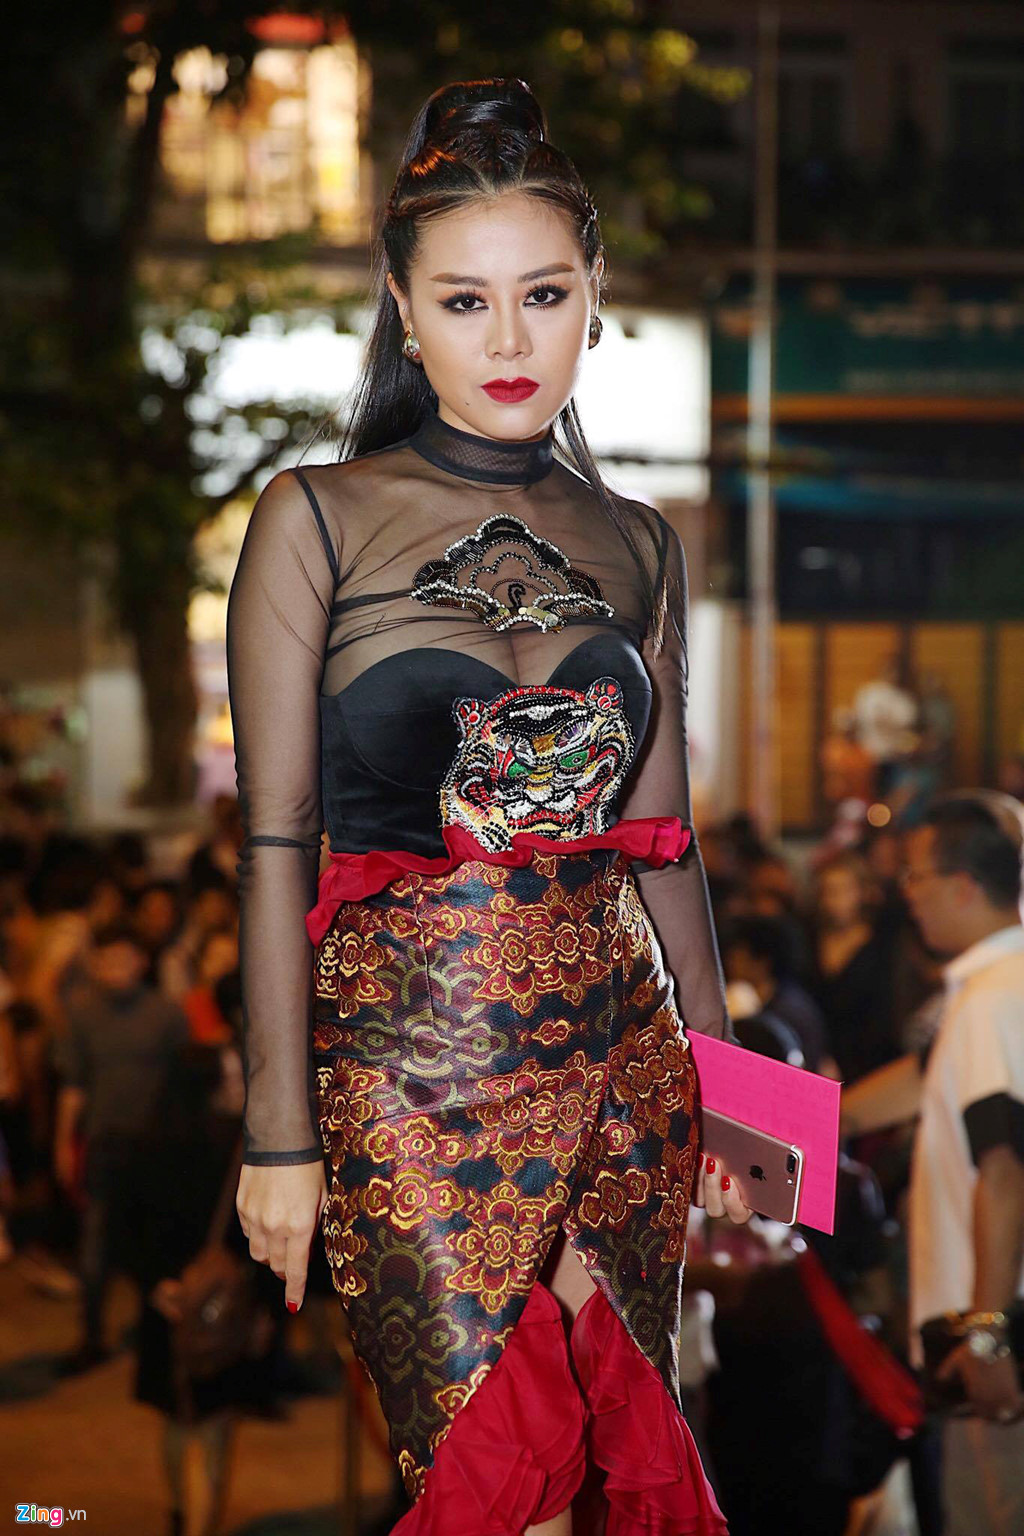 Phương Trinh Jolie, Hương Ly vào nhóm sao mặc xấu